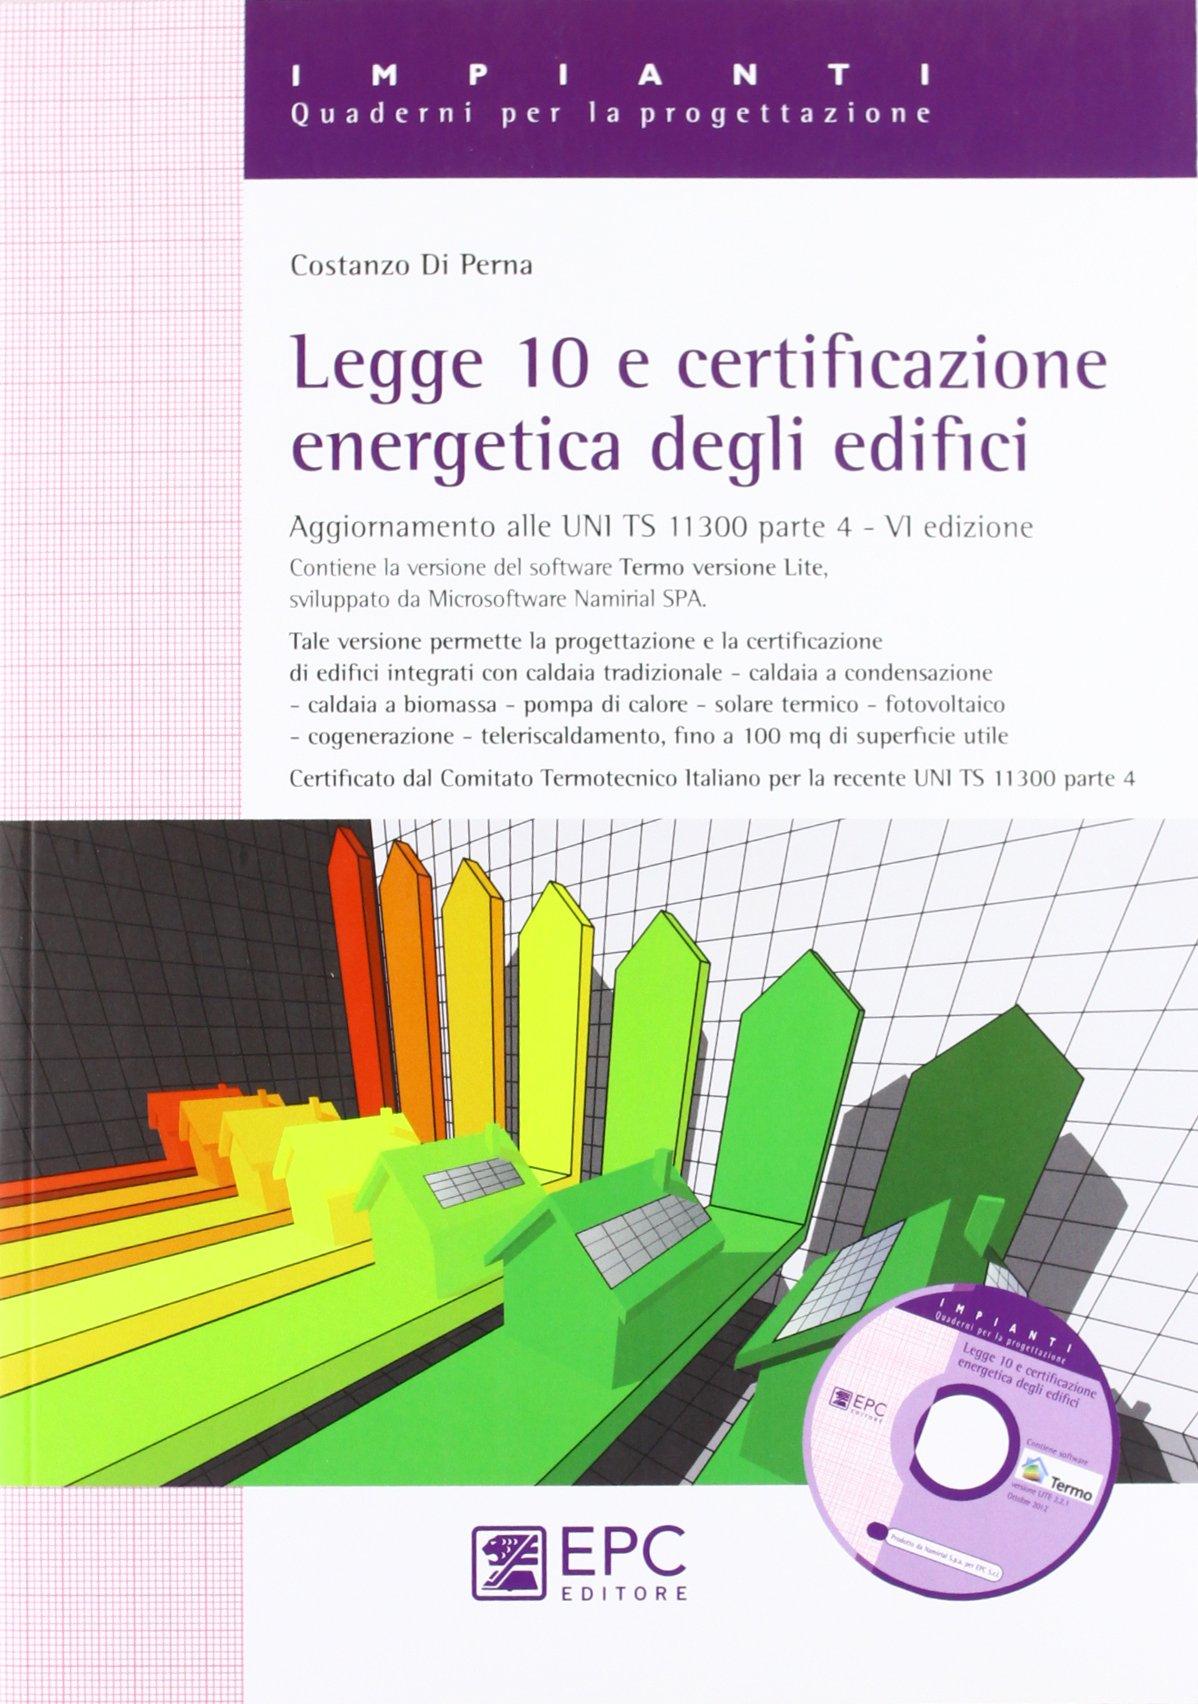 Amazon.it: Legge 10 e certificazione energetica degli edifici - Costanzo Di  Perna - Libri